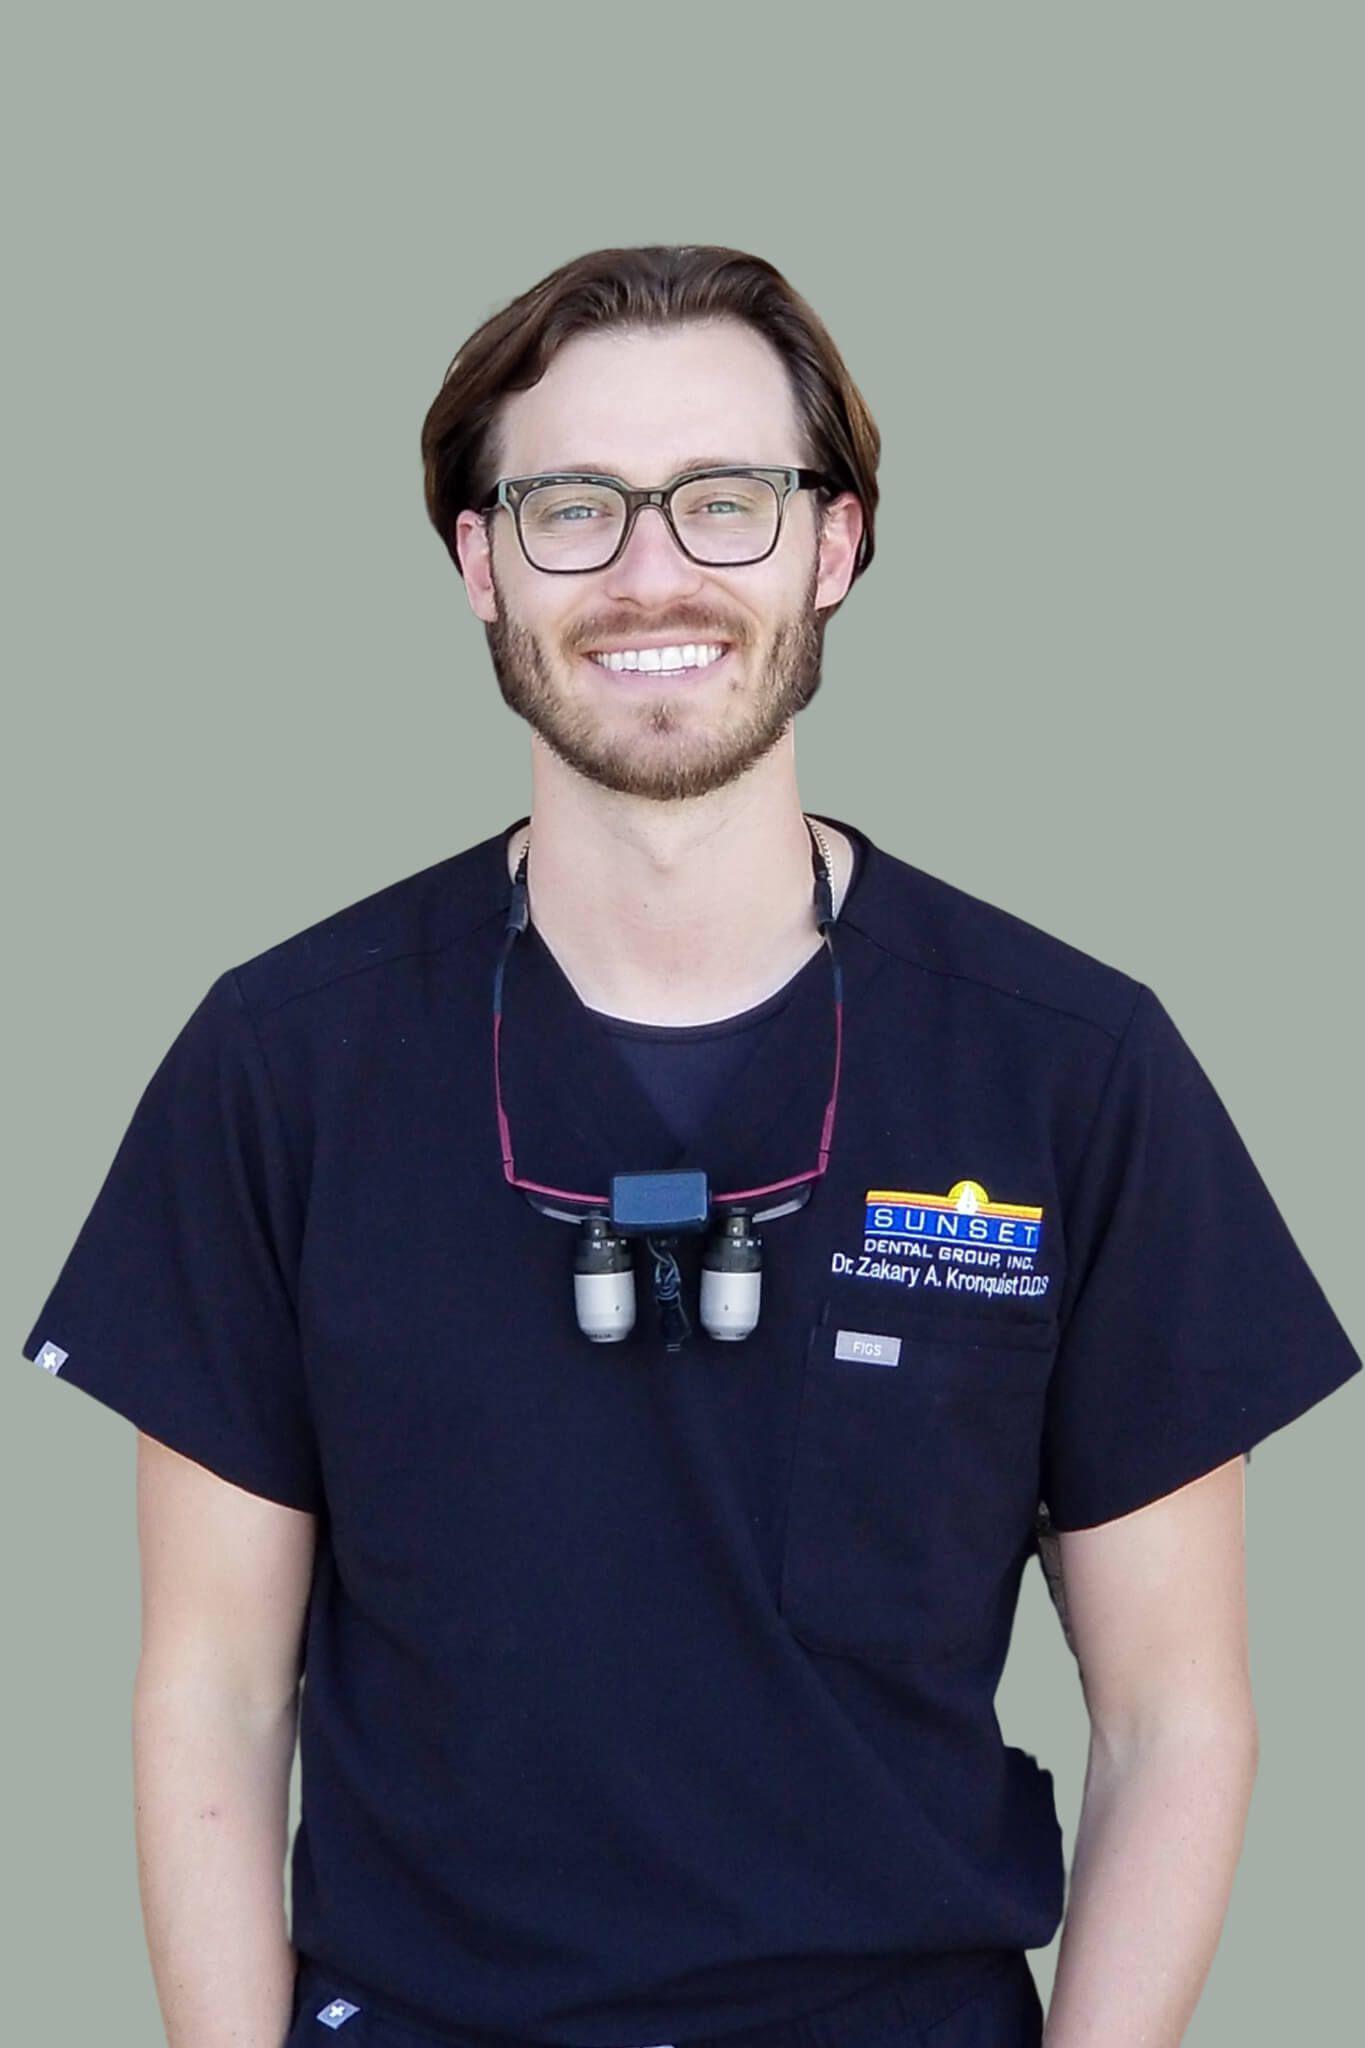 Dr  Zakary Adam Kronquist, DDS » Santa Ana, CA - Sunset Dental Group